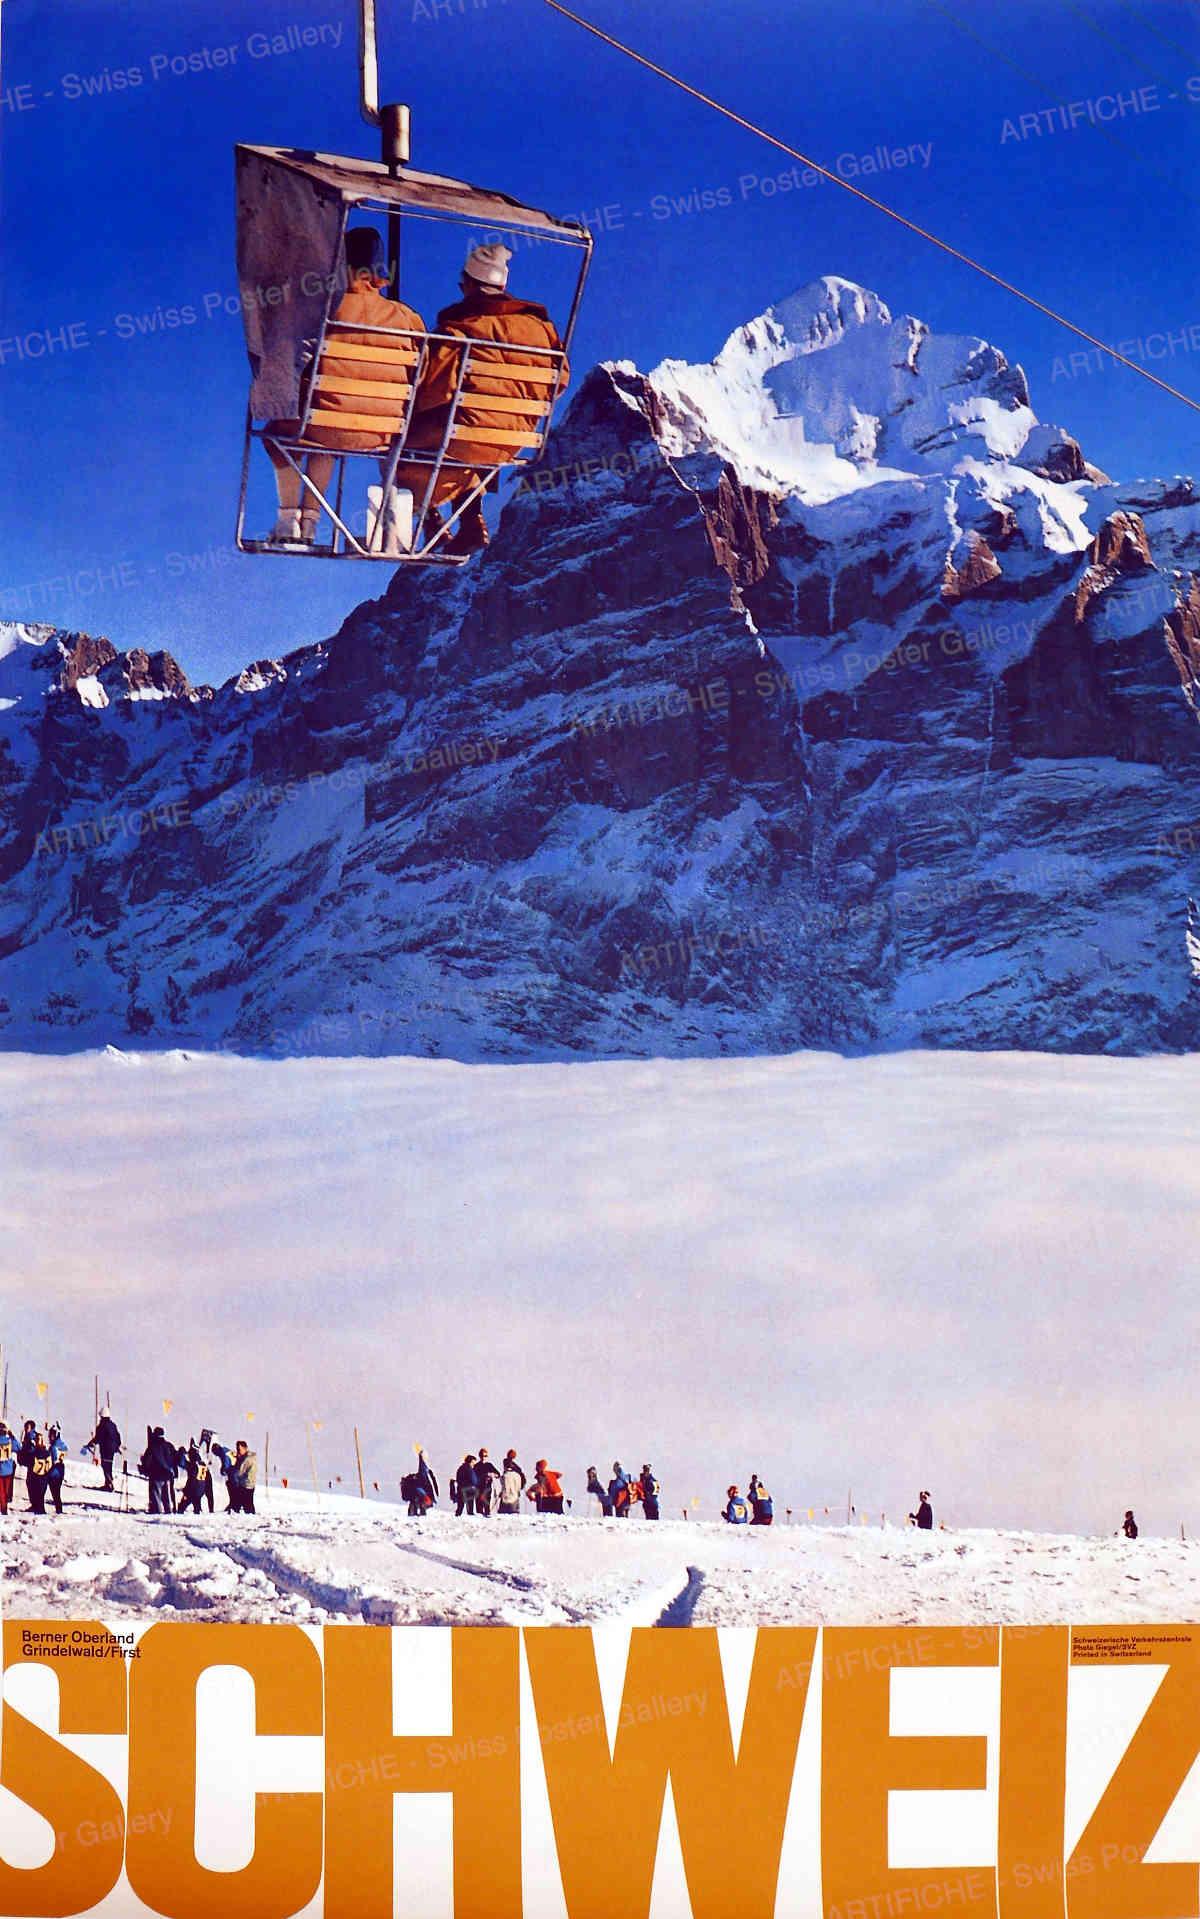 SCHWEIZ – Berner Oberland – Grindelwald First, Philipp Giegel